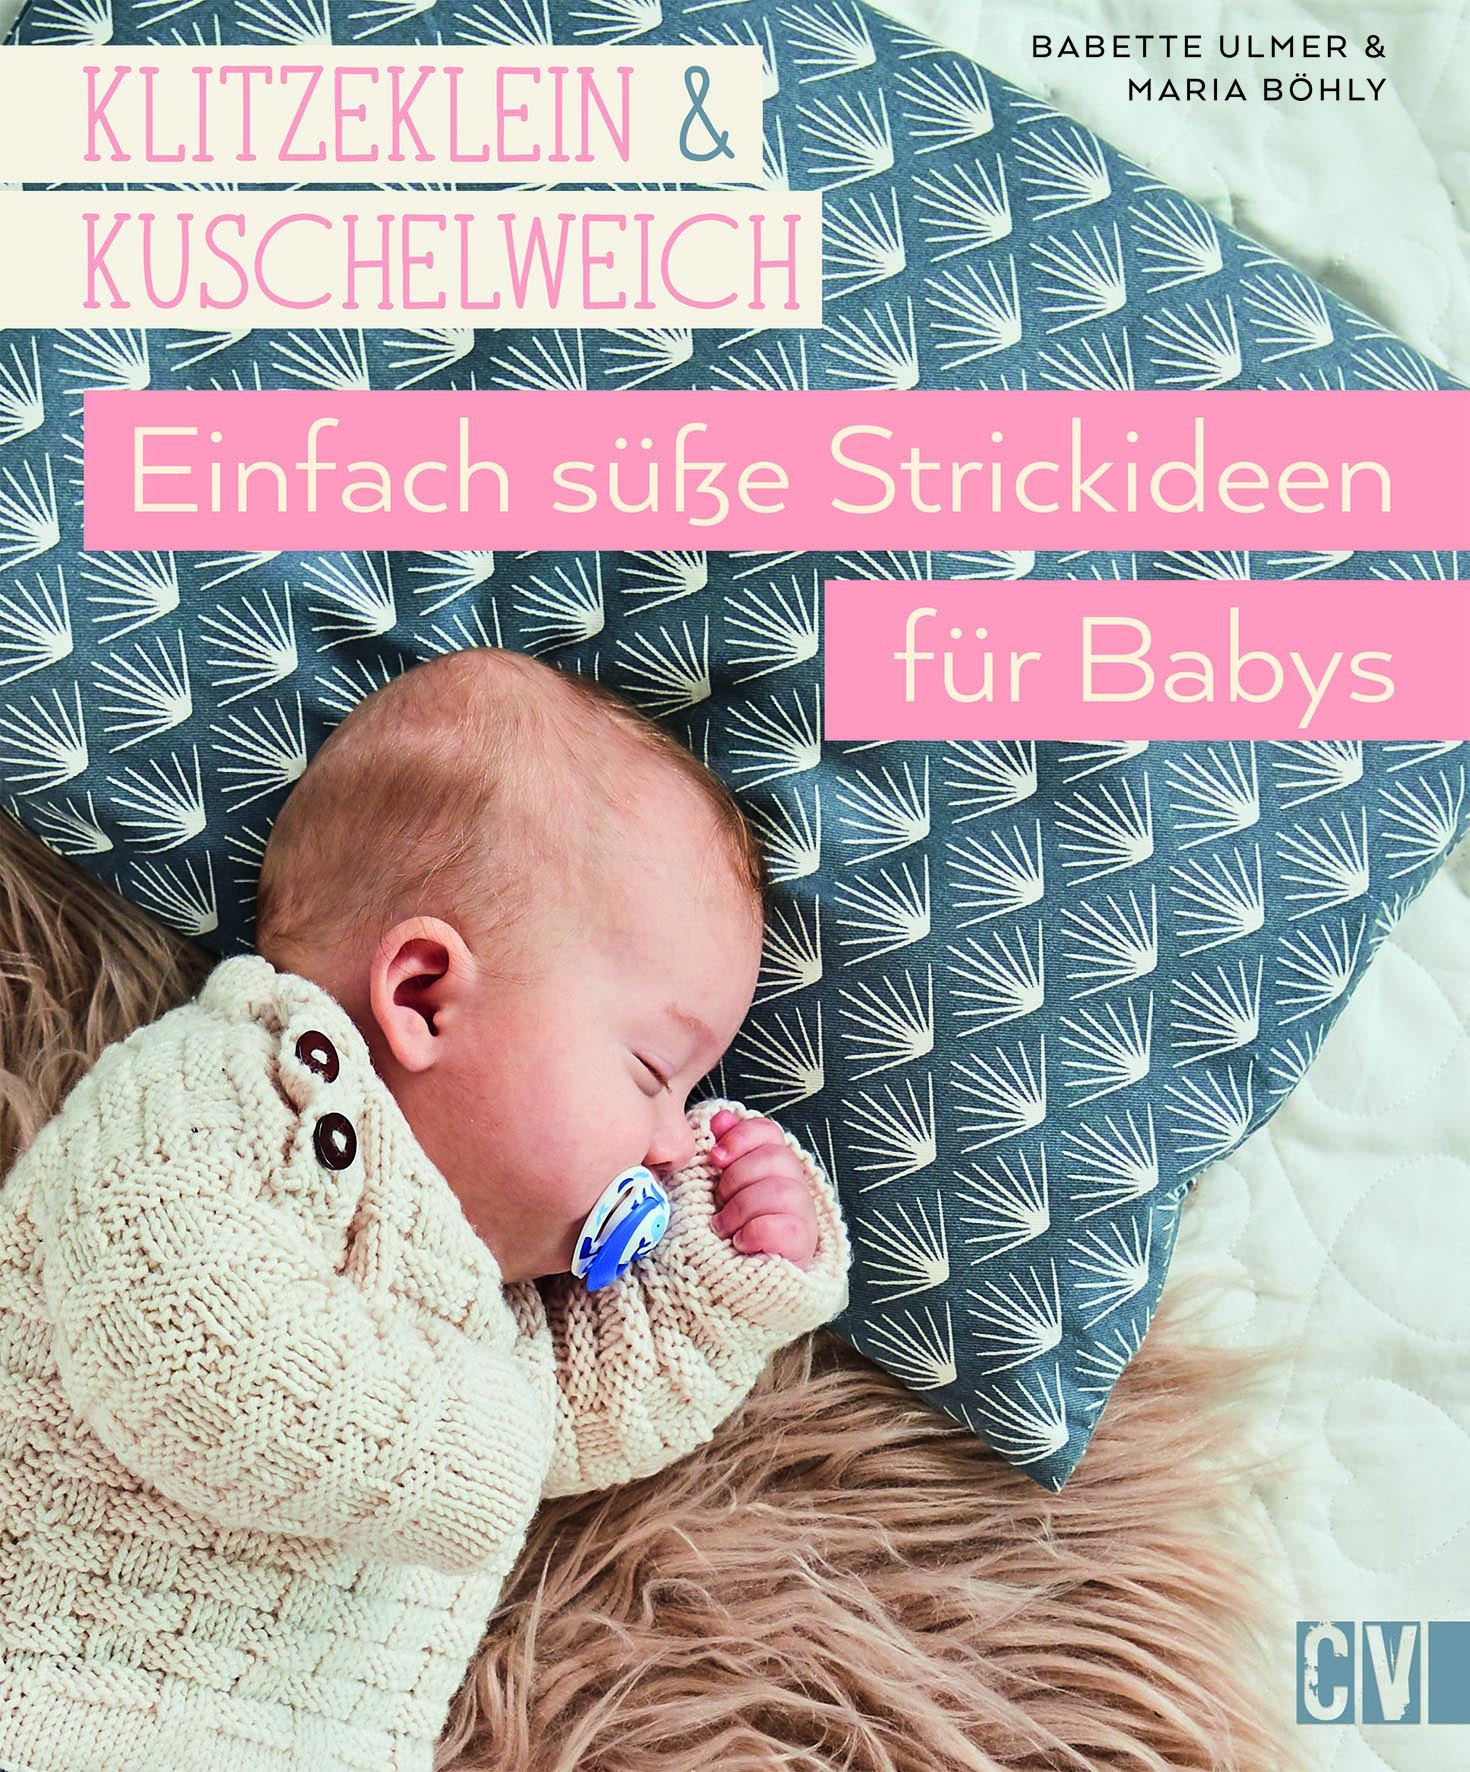 CV 6539 Klitzelklein & kuschelweich